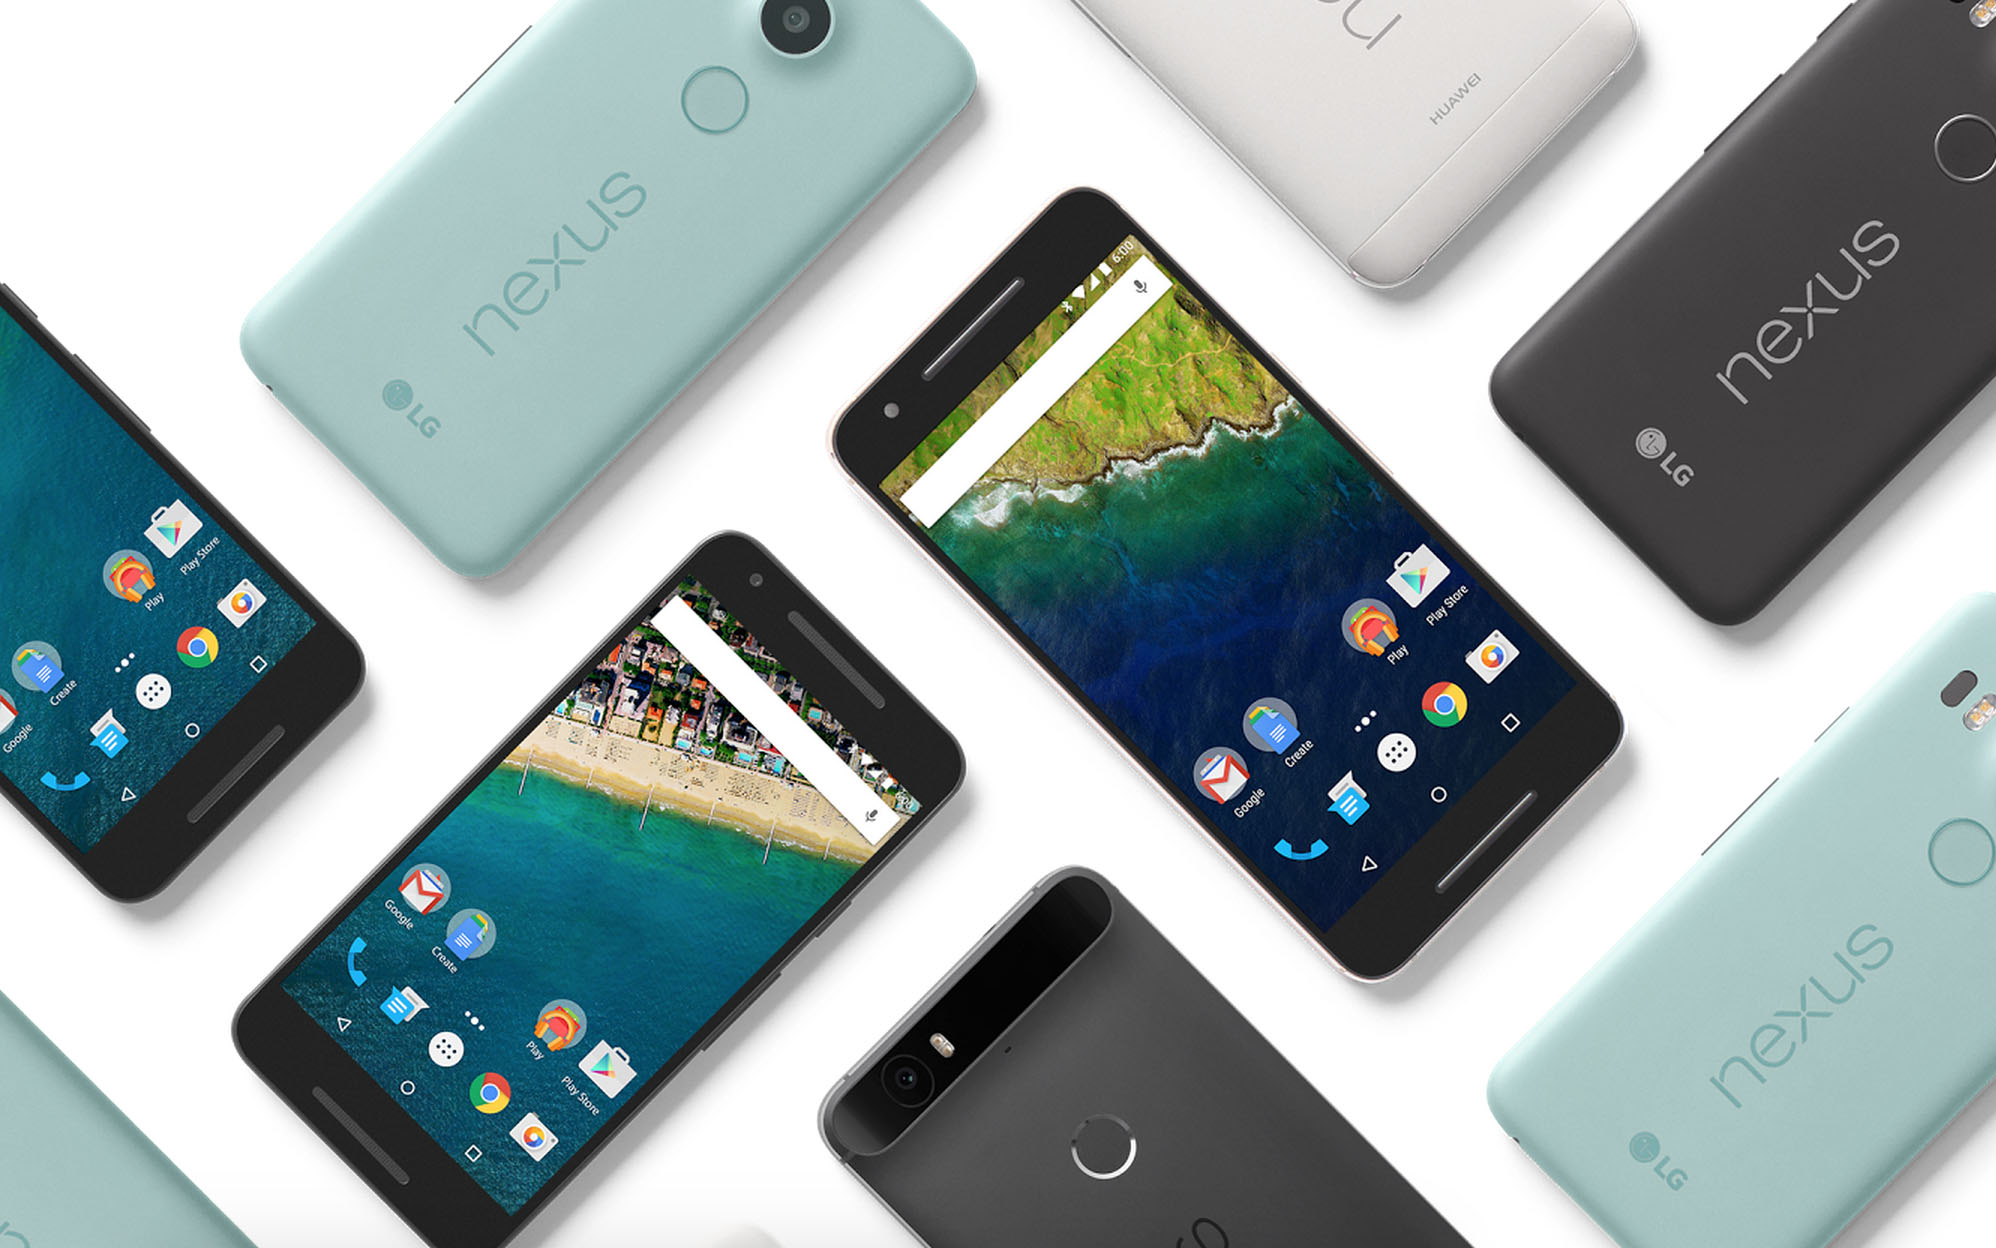 Lo schermo del tuo cellulare o tablet si è bloccato? Ti aiutiamo a risolverlo 1